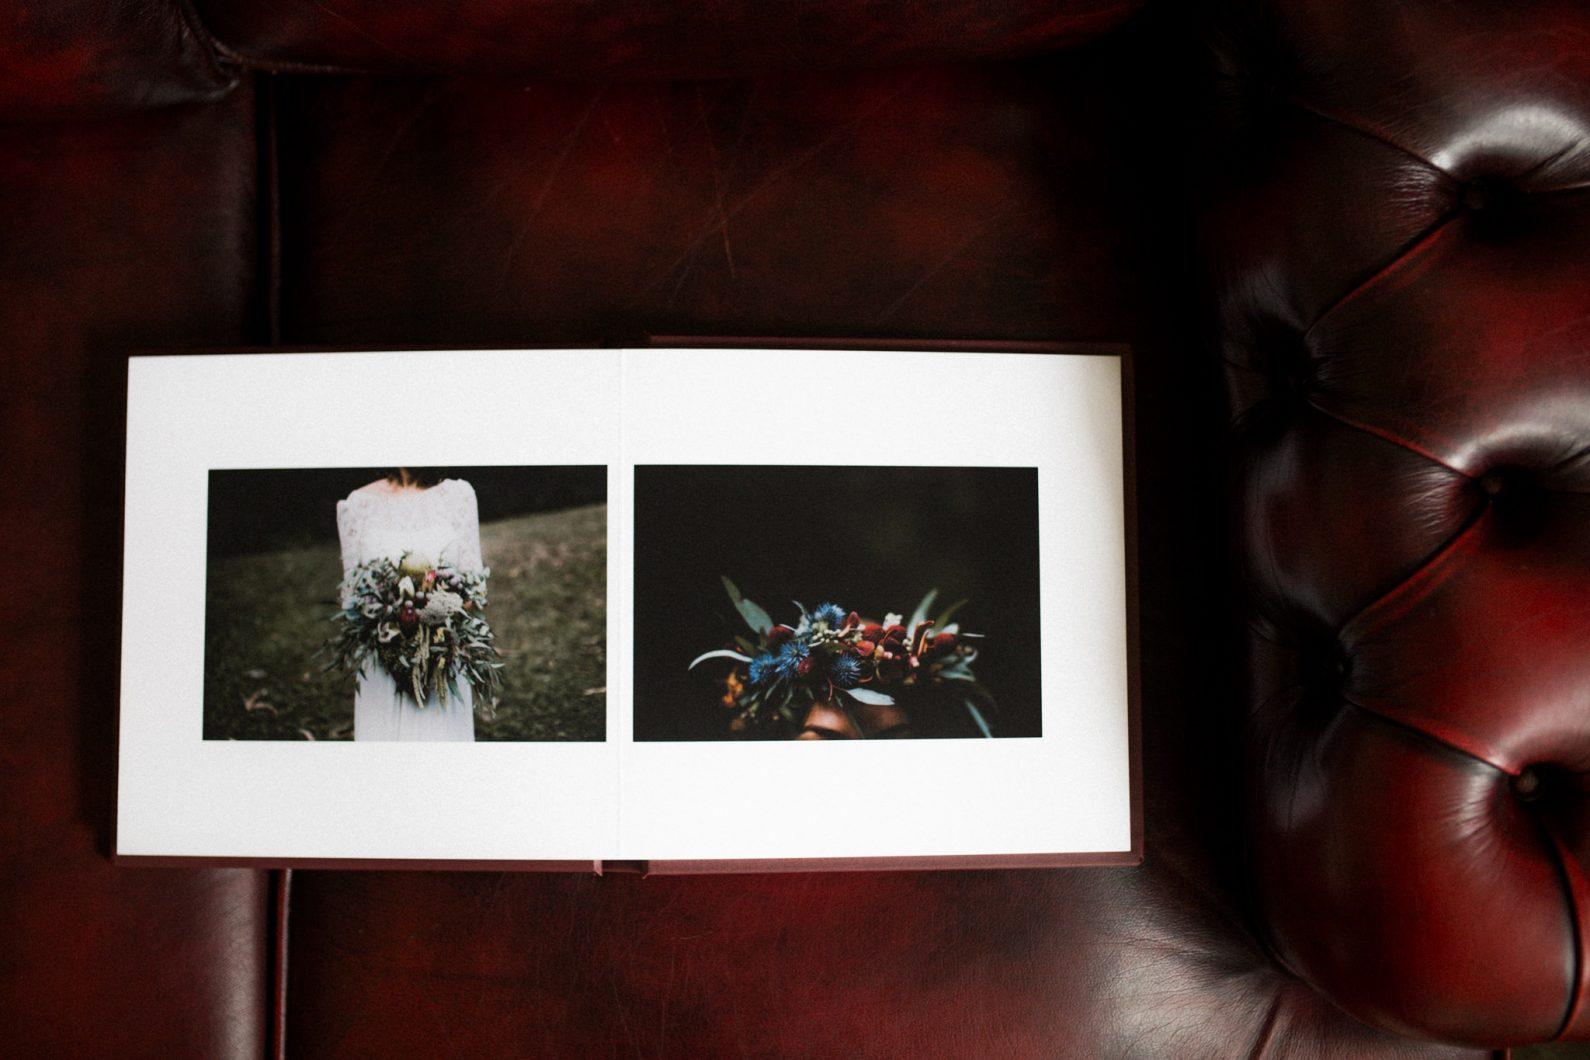 river-and-fern-wedding-album-7